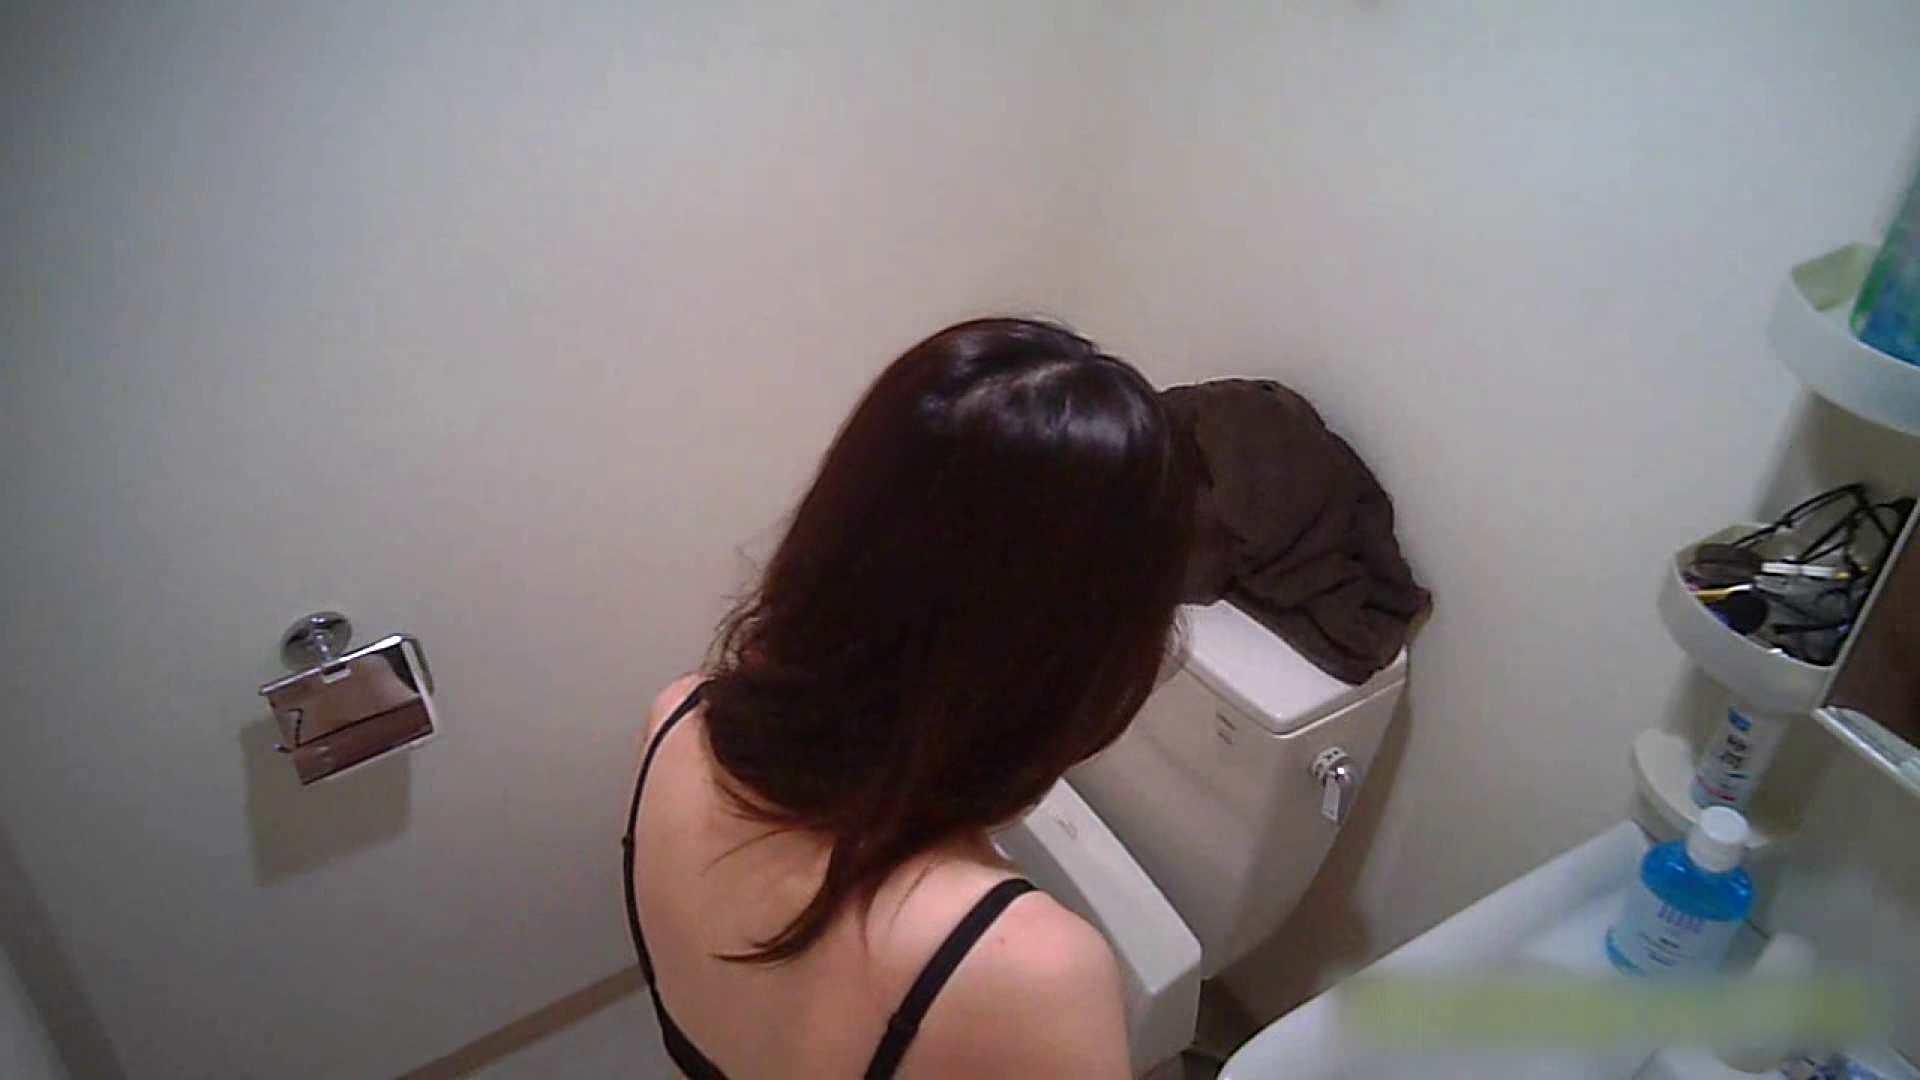 元気いっぱいノリノリ系なB子23歳(仮名)Vol.01 トイレ着替え編 着替え   OL女体  66連発 31